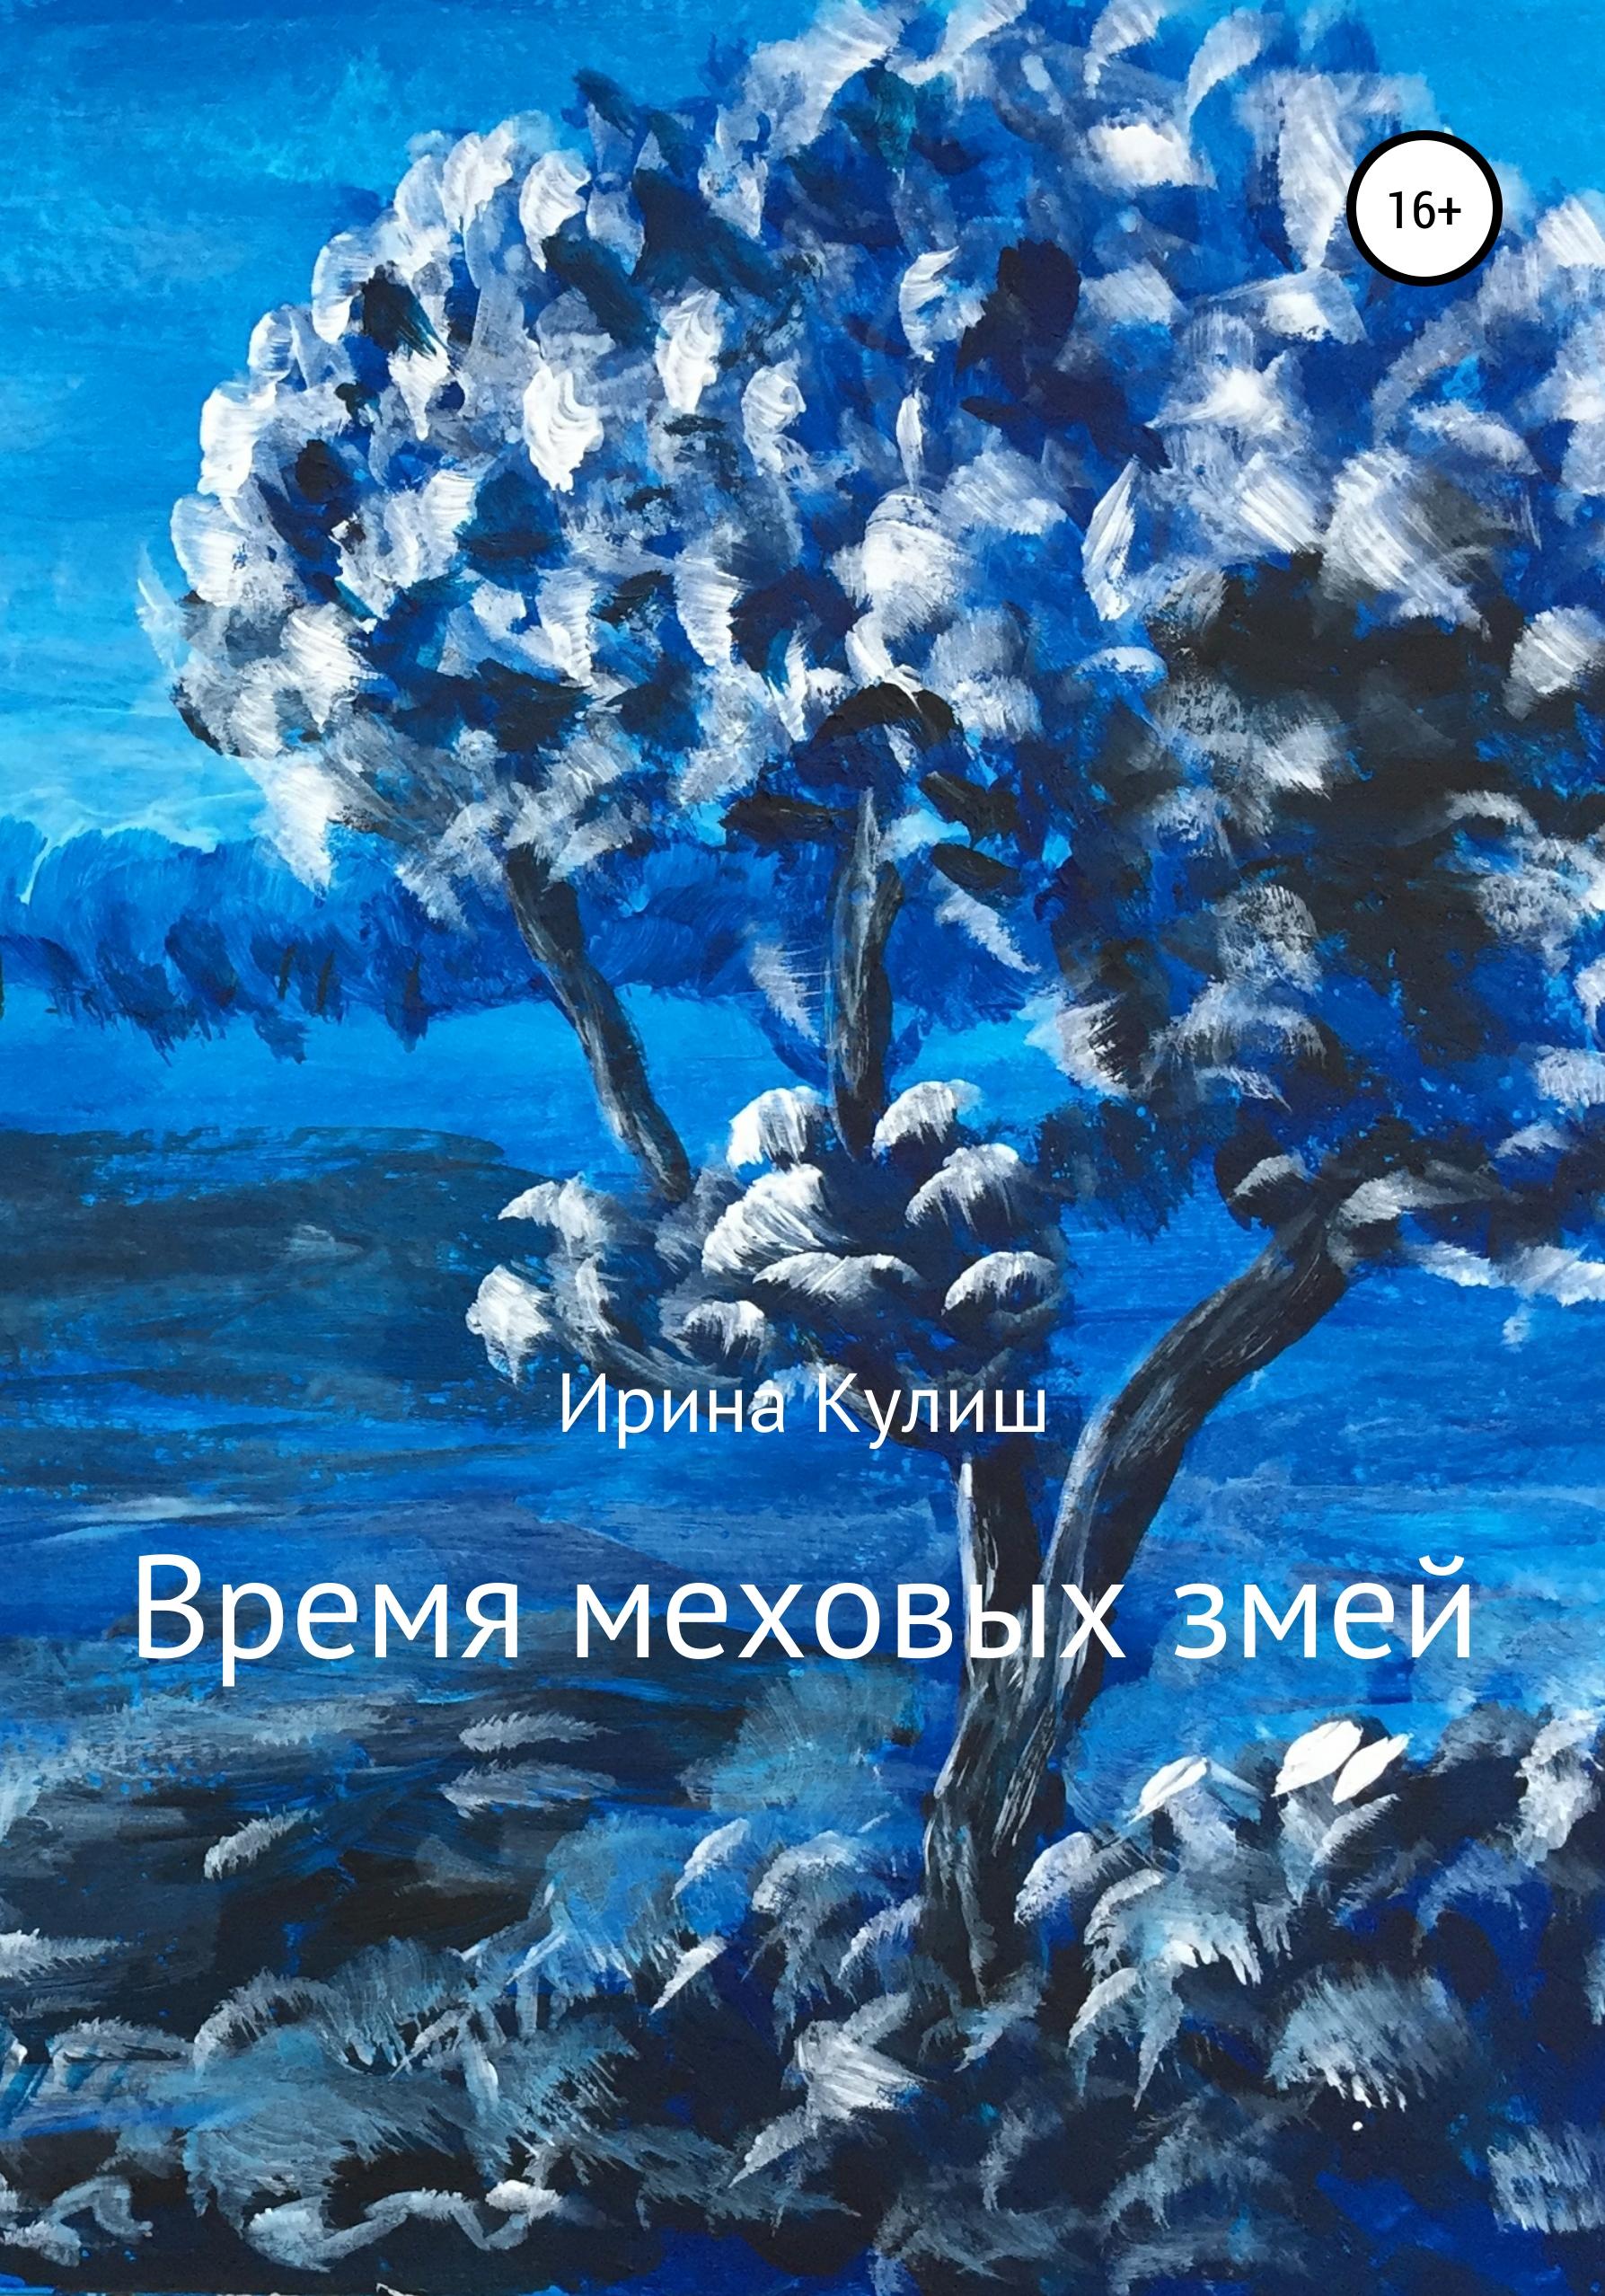 Ирина Кулиш Время меховых змей. Сборник рассказов